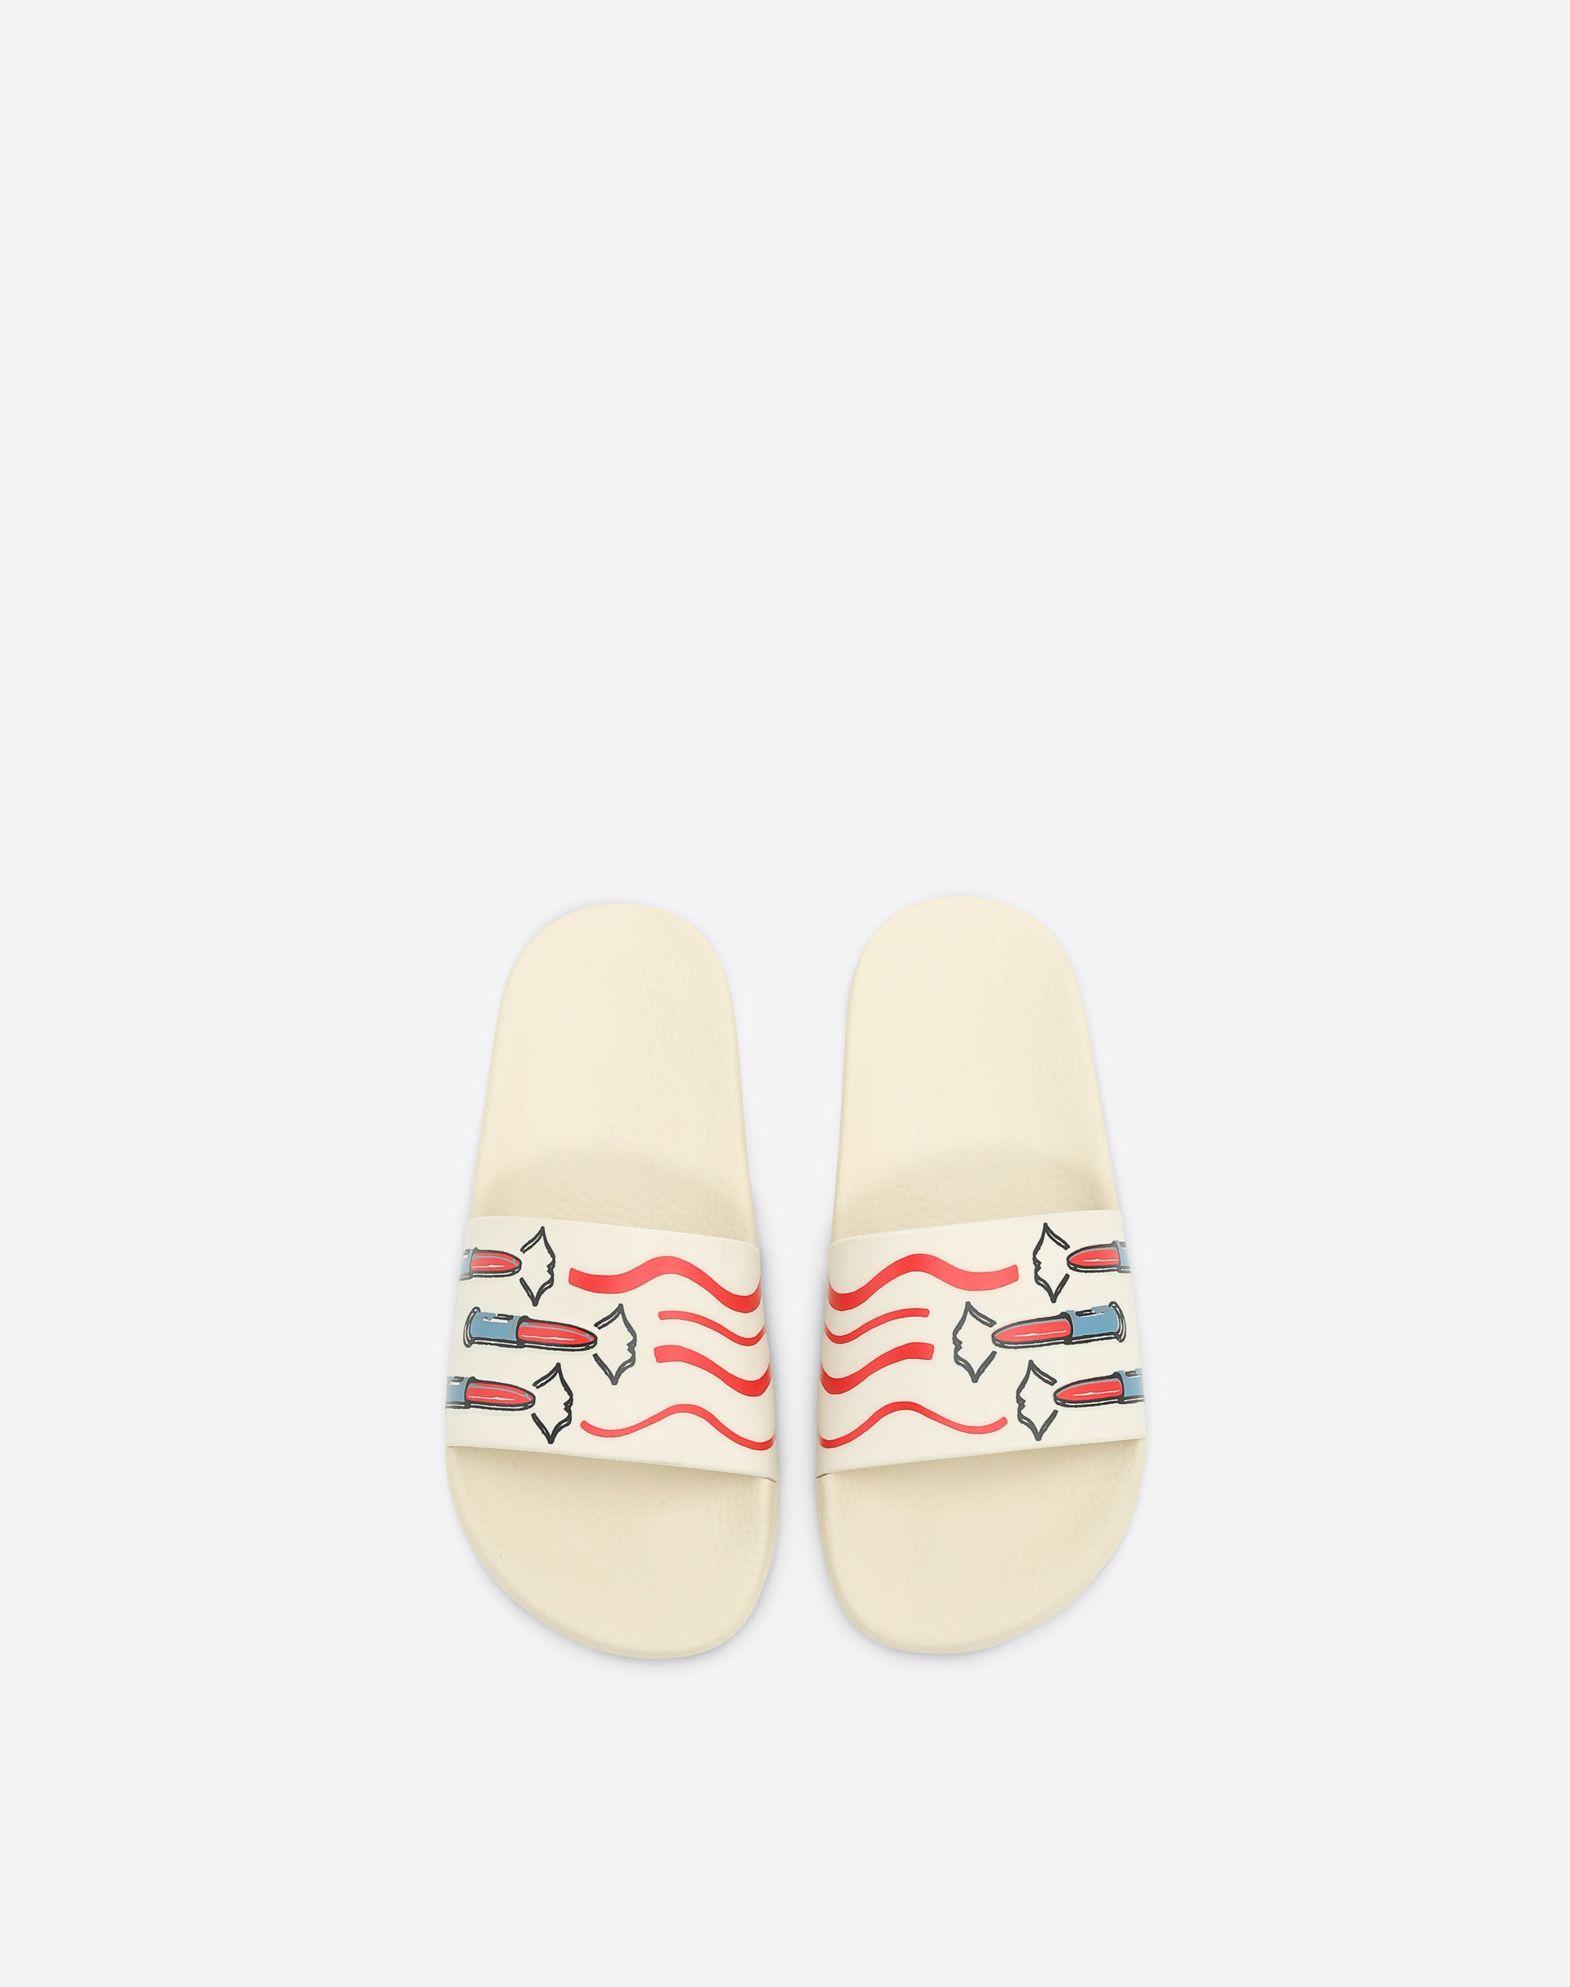 VALENTINO GARAVANI 口红印纹 PVC 拖鞋式凉鞋 拖鞋式凉鞋 D e